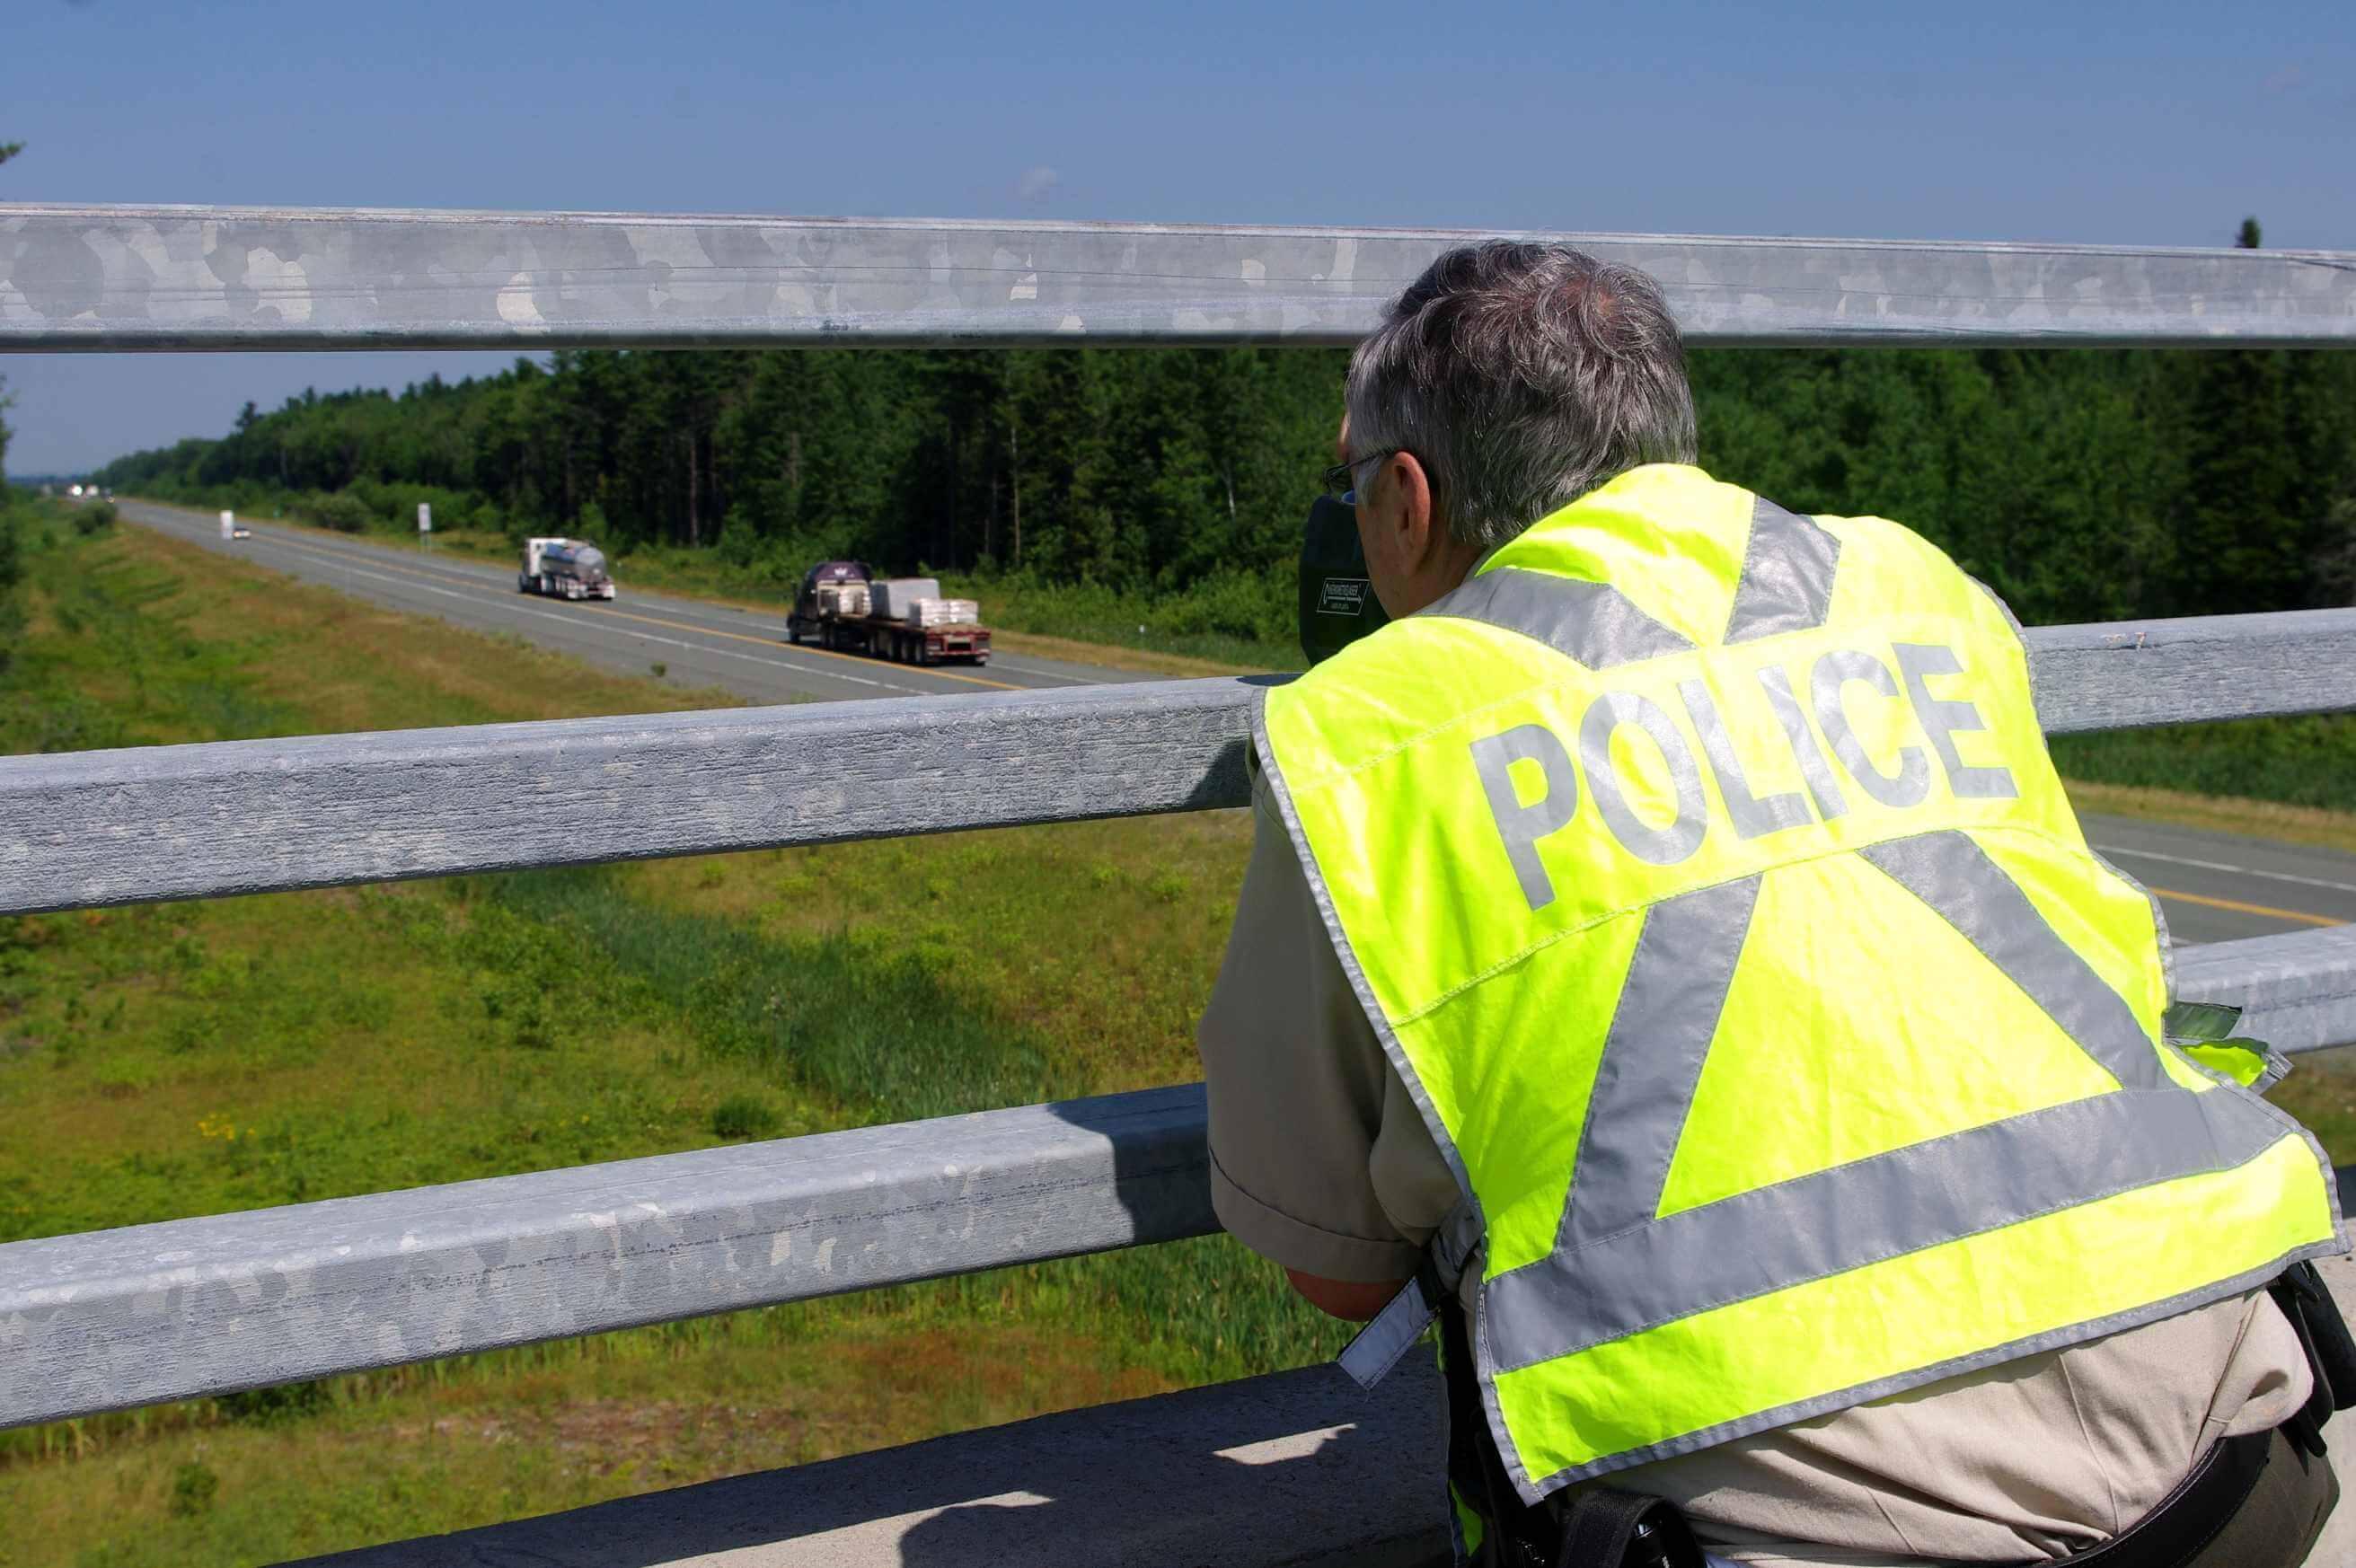 Chaque année, la Sûreté du Québec intensifie sa présence sur les routes lors de la fête nationale et de la fête du Canada.